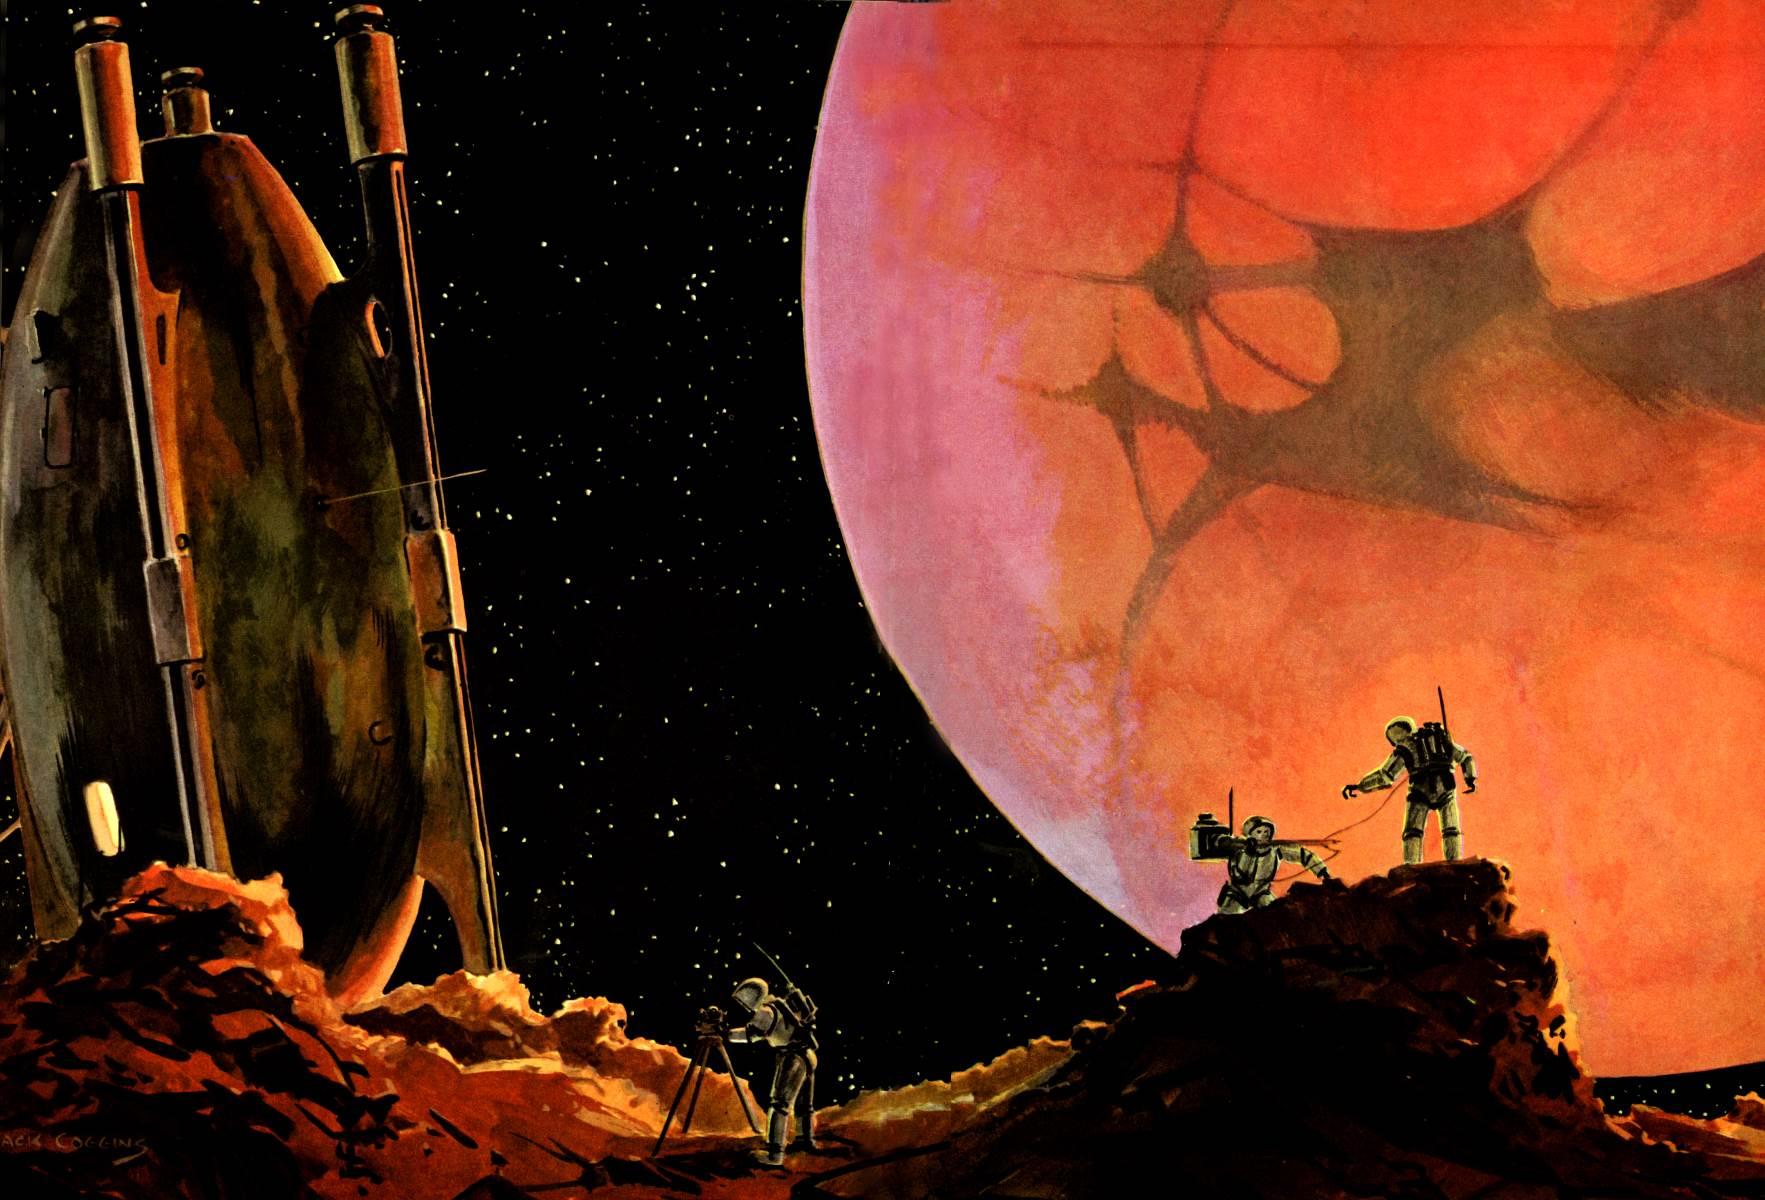 Mirando al futuro: una civilización marciana (y II)